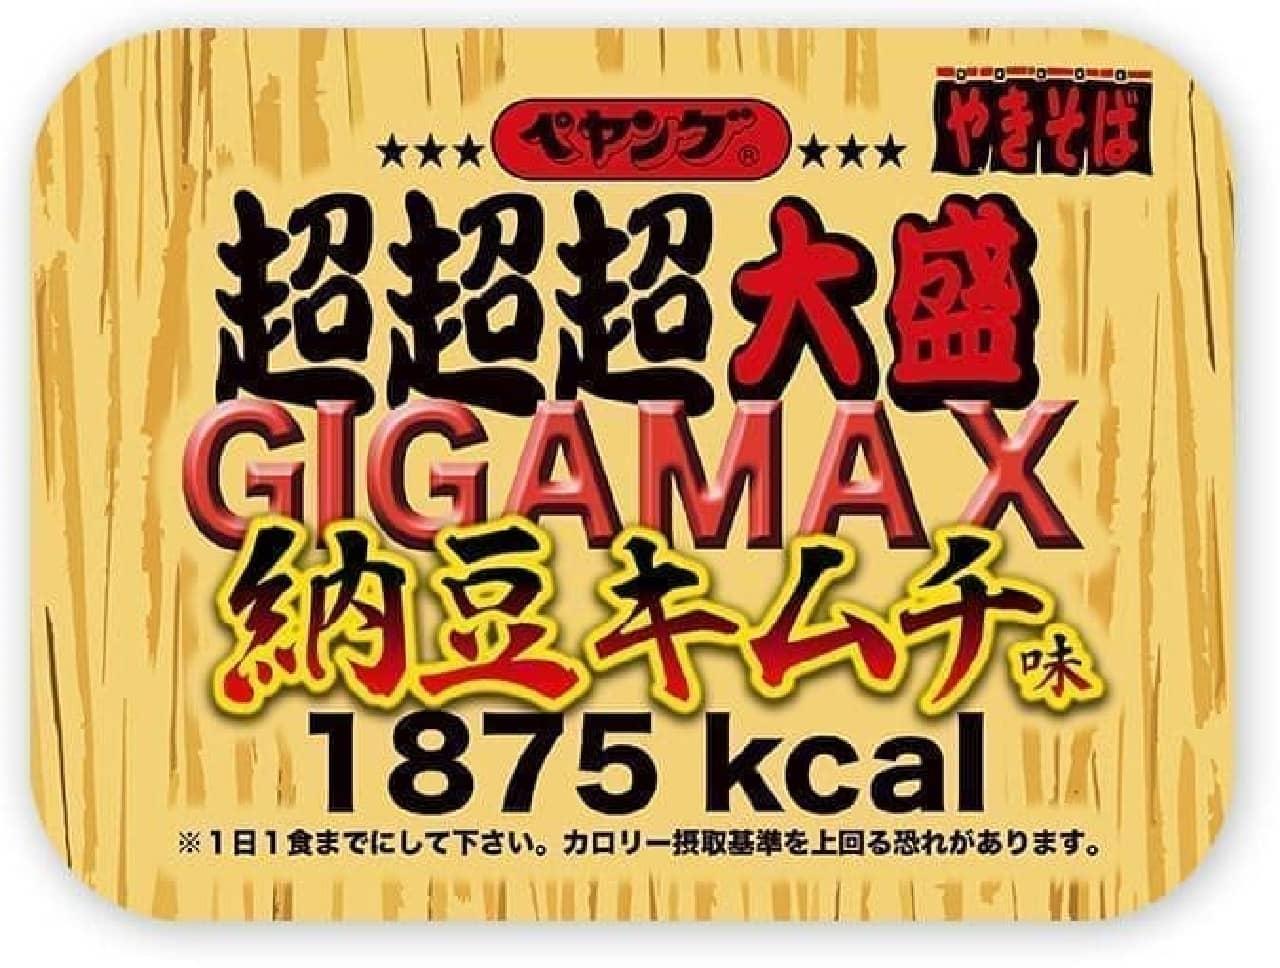 まるか食品「ペヤング超超超大盛GIGAMAX 納豆キムチ味」